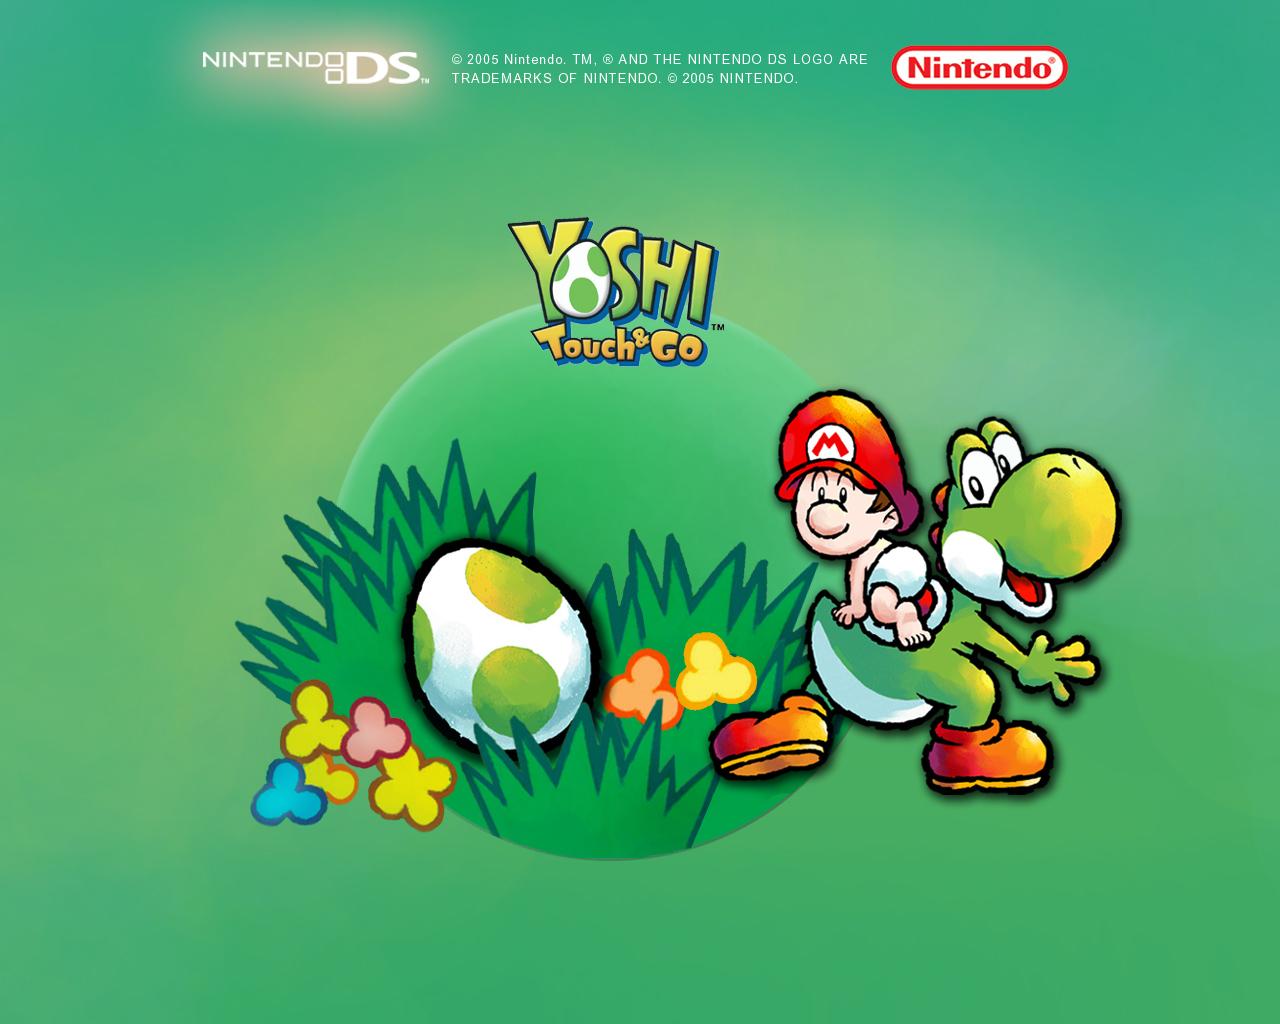 yoshi yoshi touch go